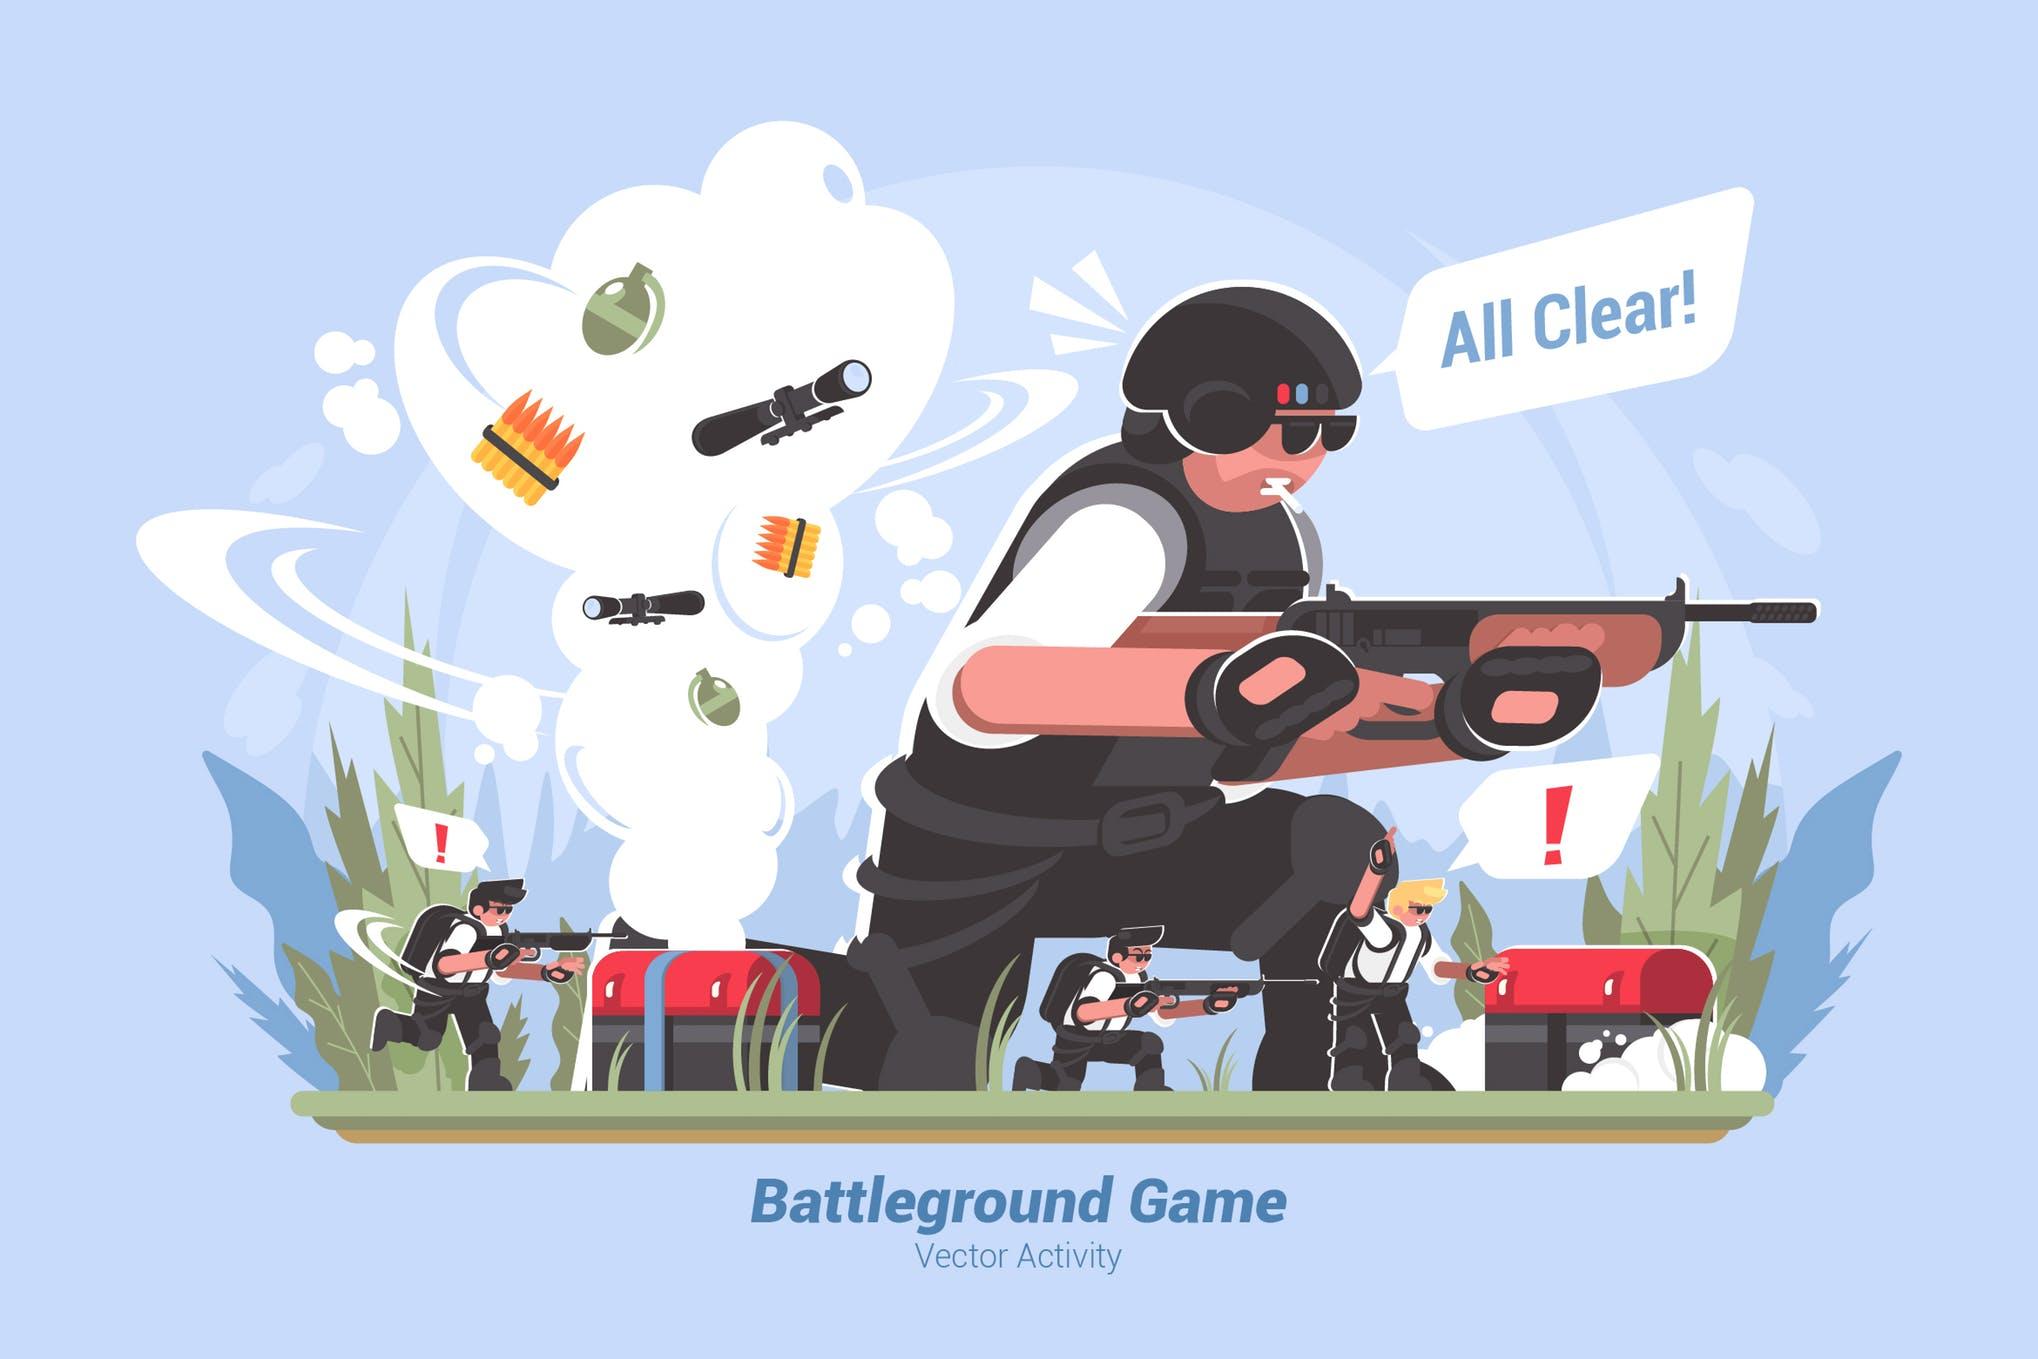 战场游戏创意场景插画素材下载Battleground Game- Vector Illustration